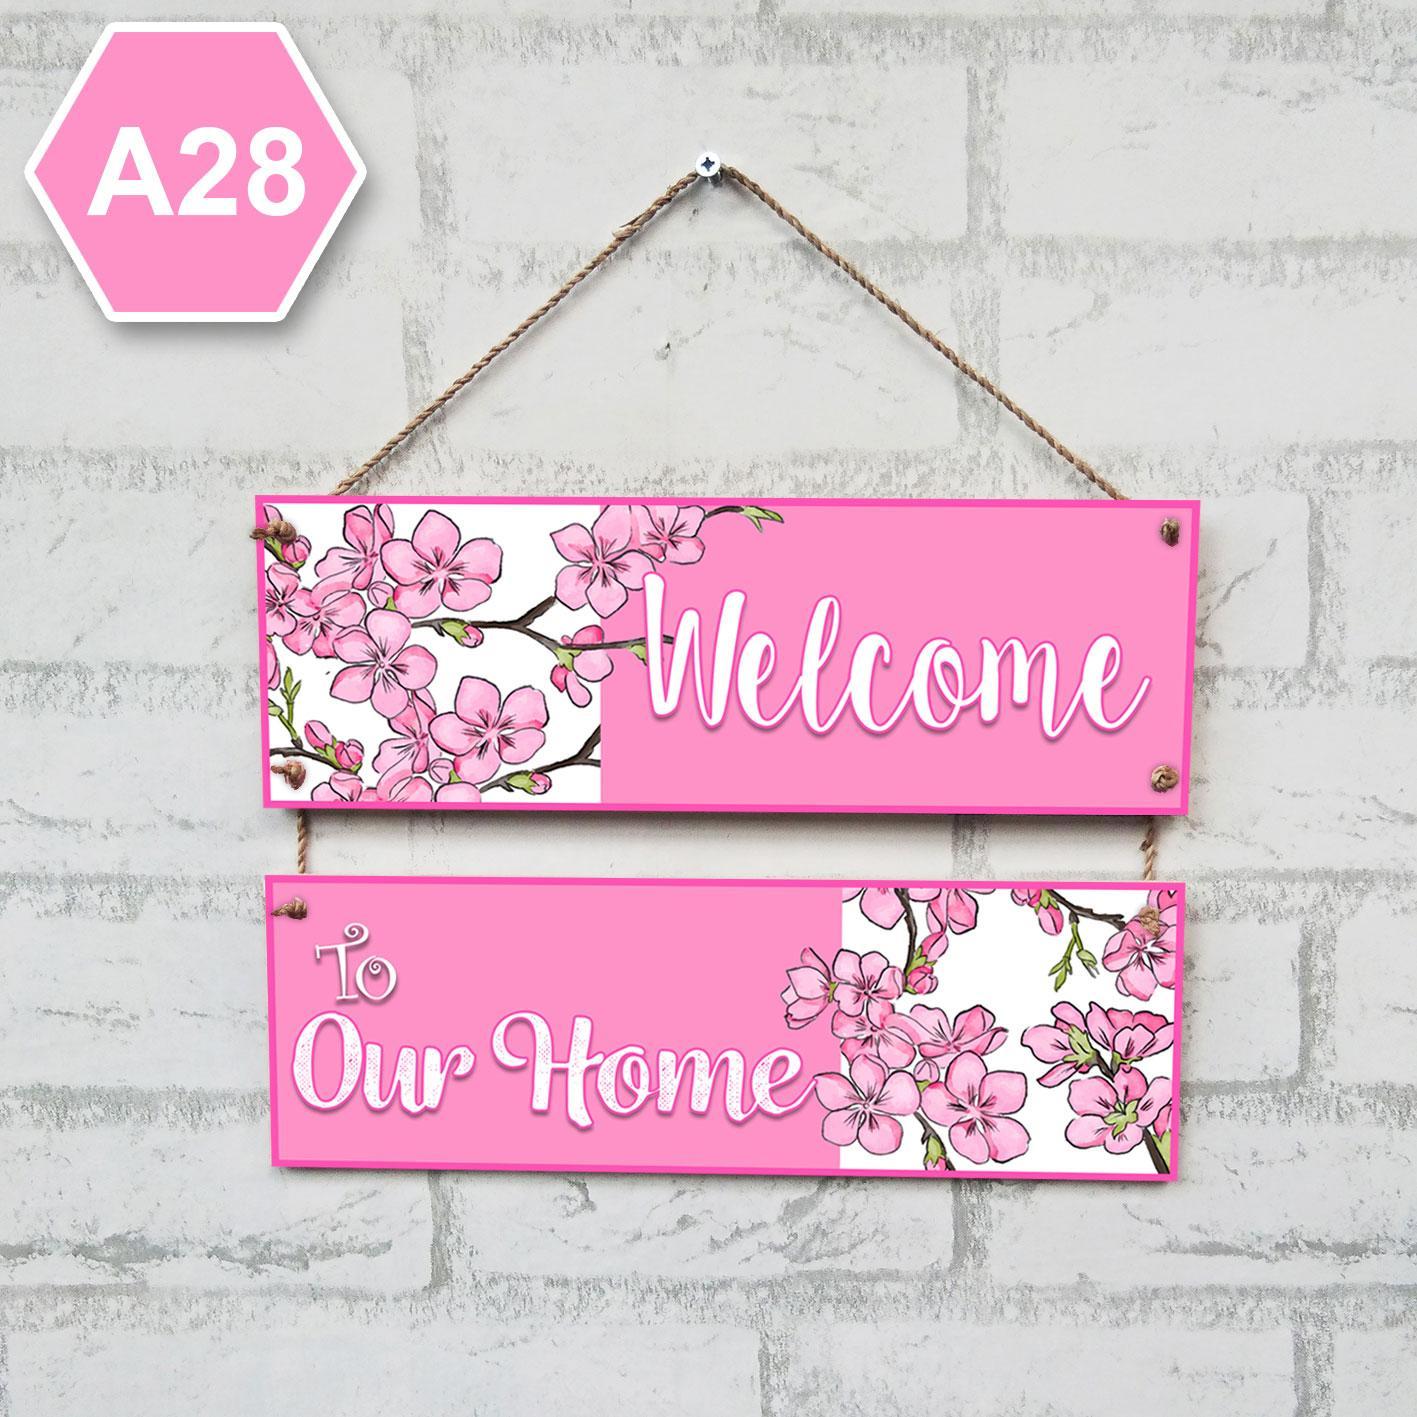 A28 Wall Decor Hiasan Dinding Gantung Susung Pink Bunga Sakura 2 Frame